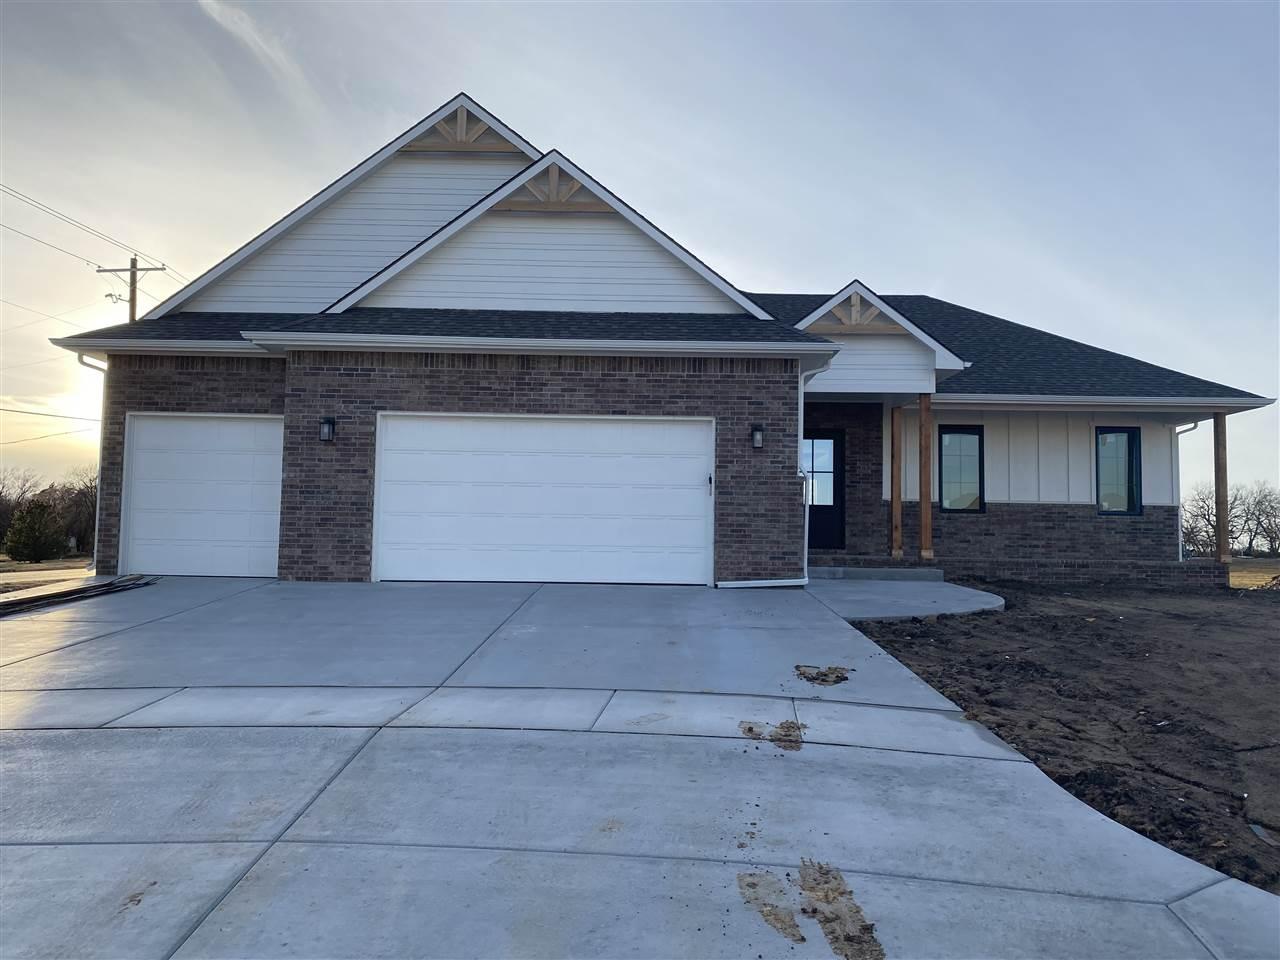 For Sale: 16217 Sheriac Ct., Wichita, KS, 67052,